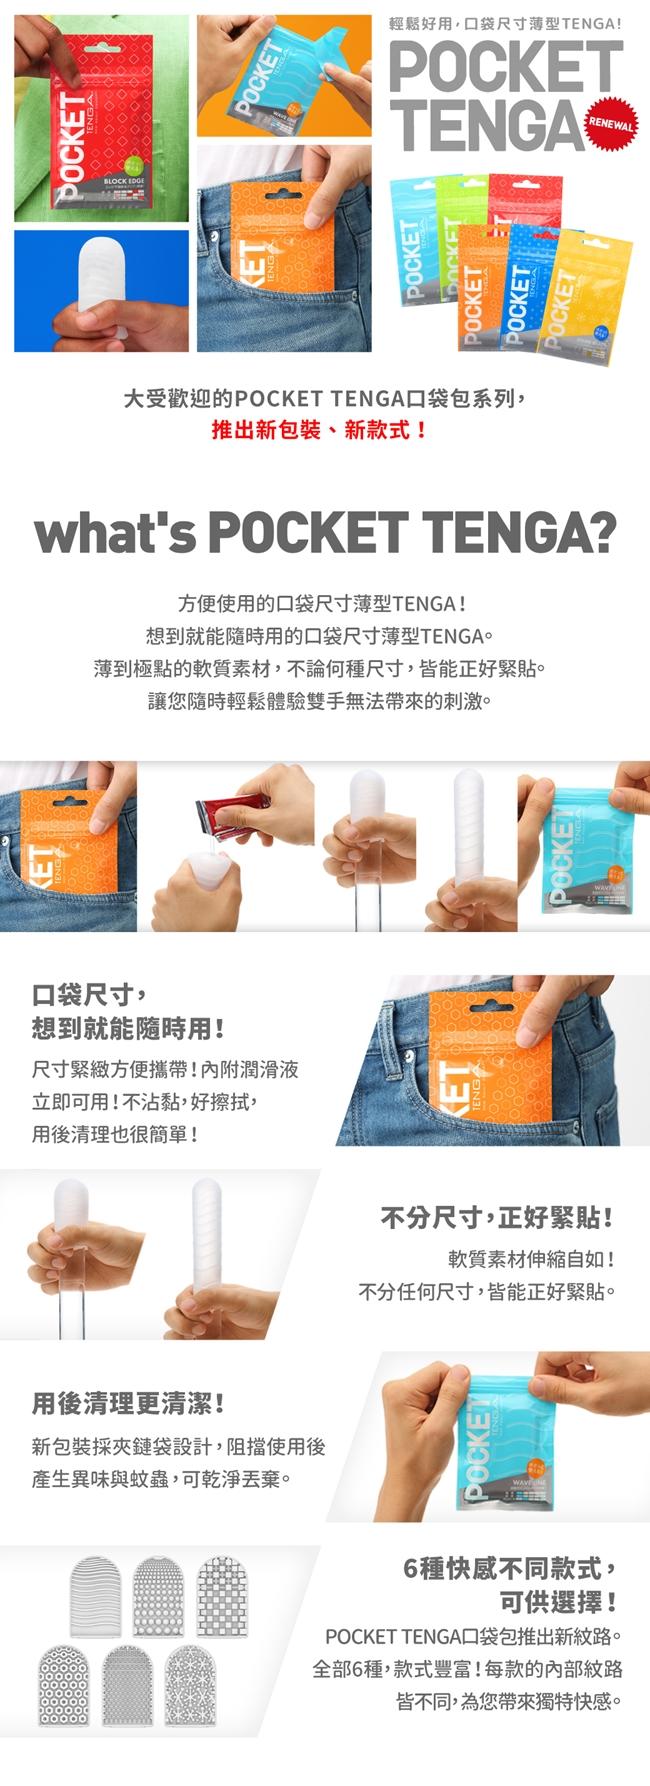 附圖3-日本TENGA*POCKET TENGA BLOCK EDGE 口袋小型自慰套(方塊型)